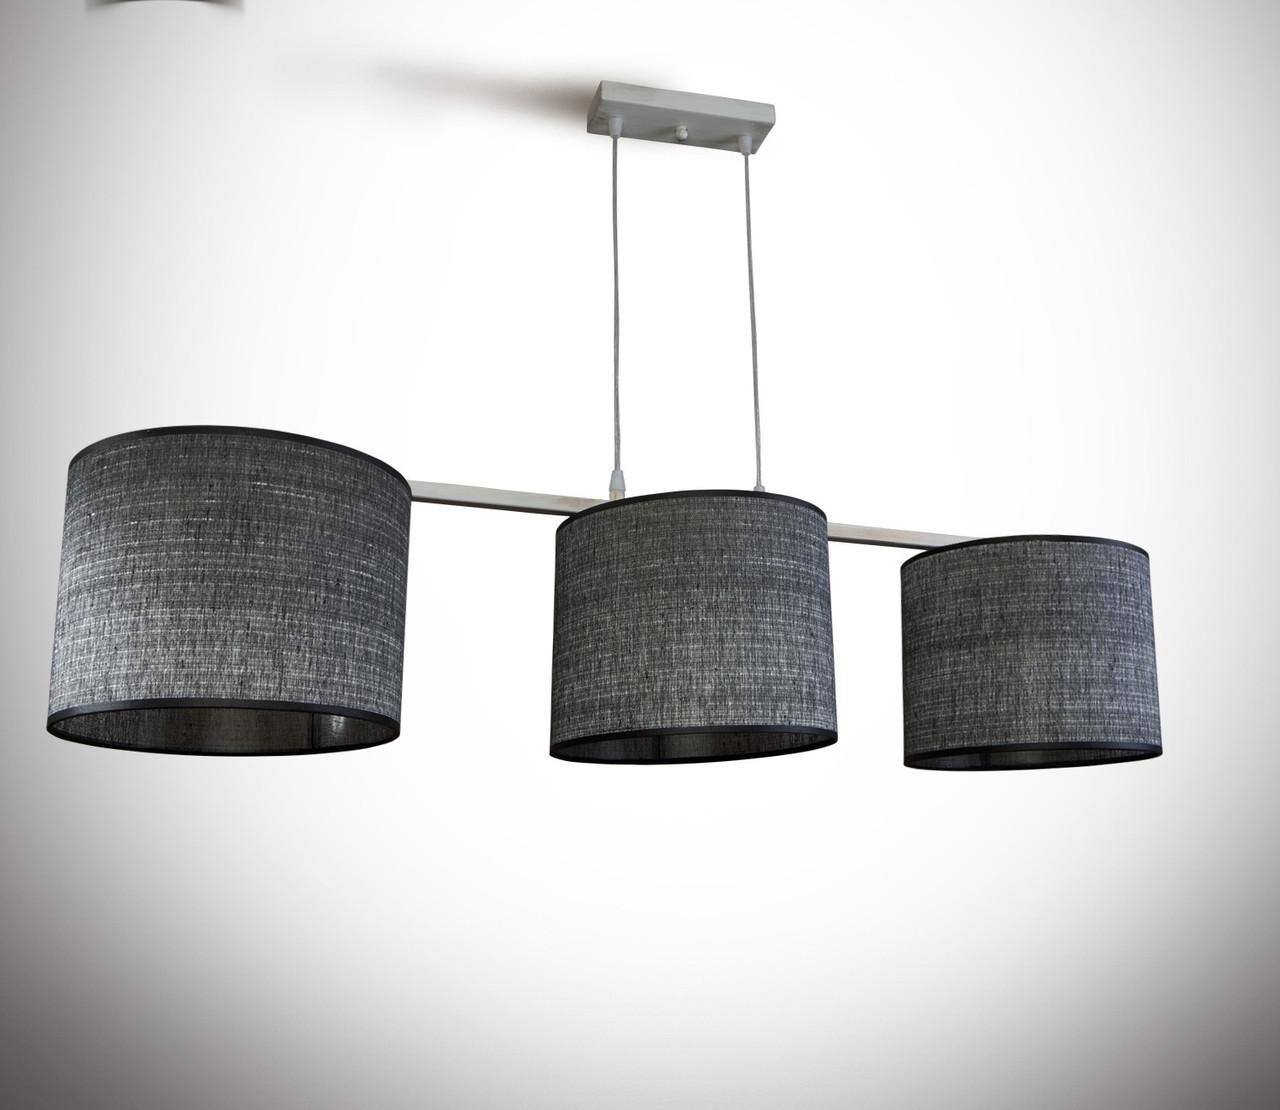 Люстра 3-х ламповая, металлическая для спальни, кухни, детской 19333-8